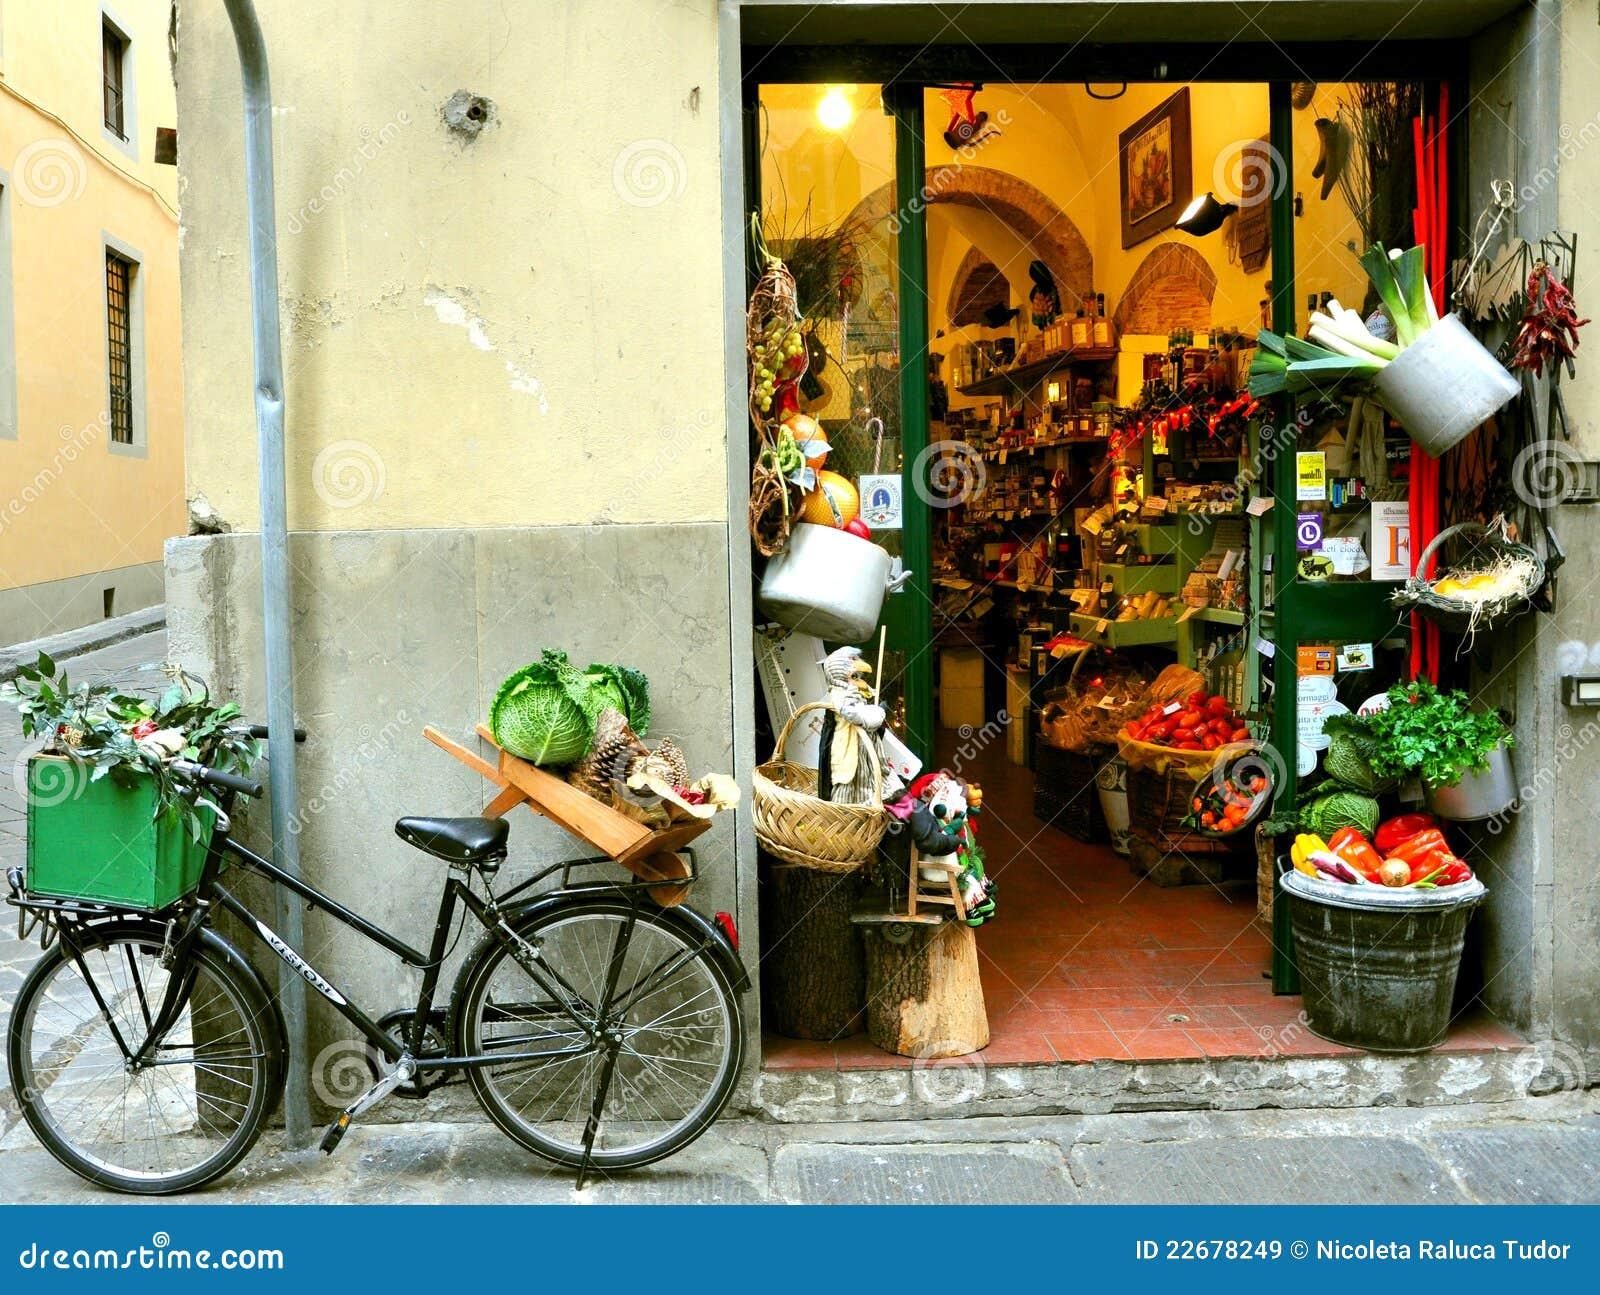 Negozio di drogheria tipico in Italia